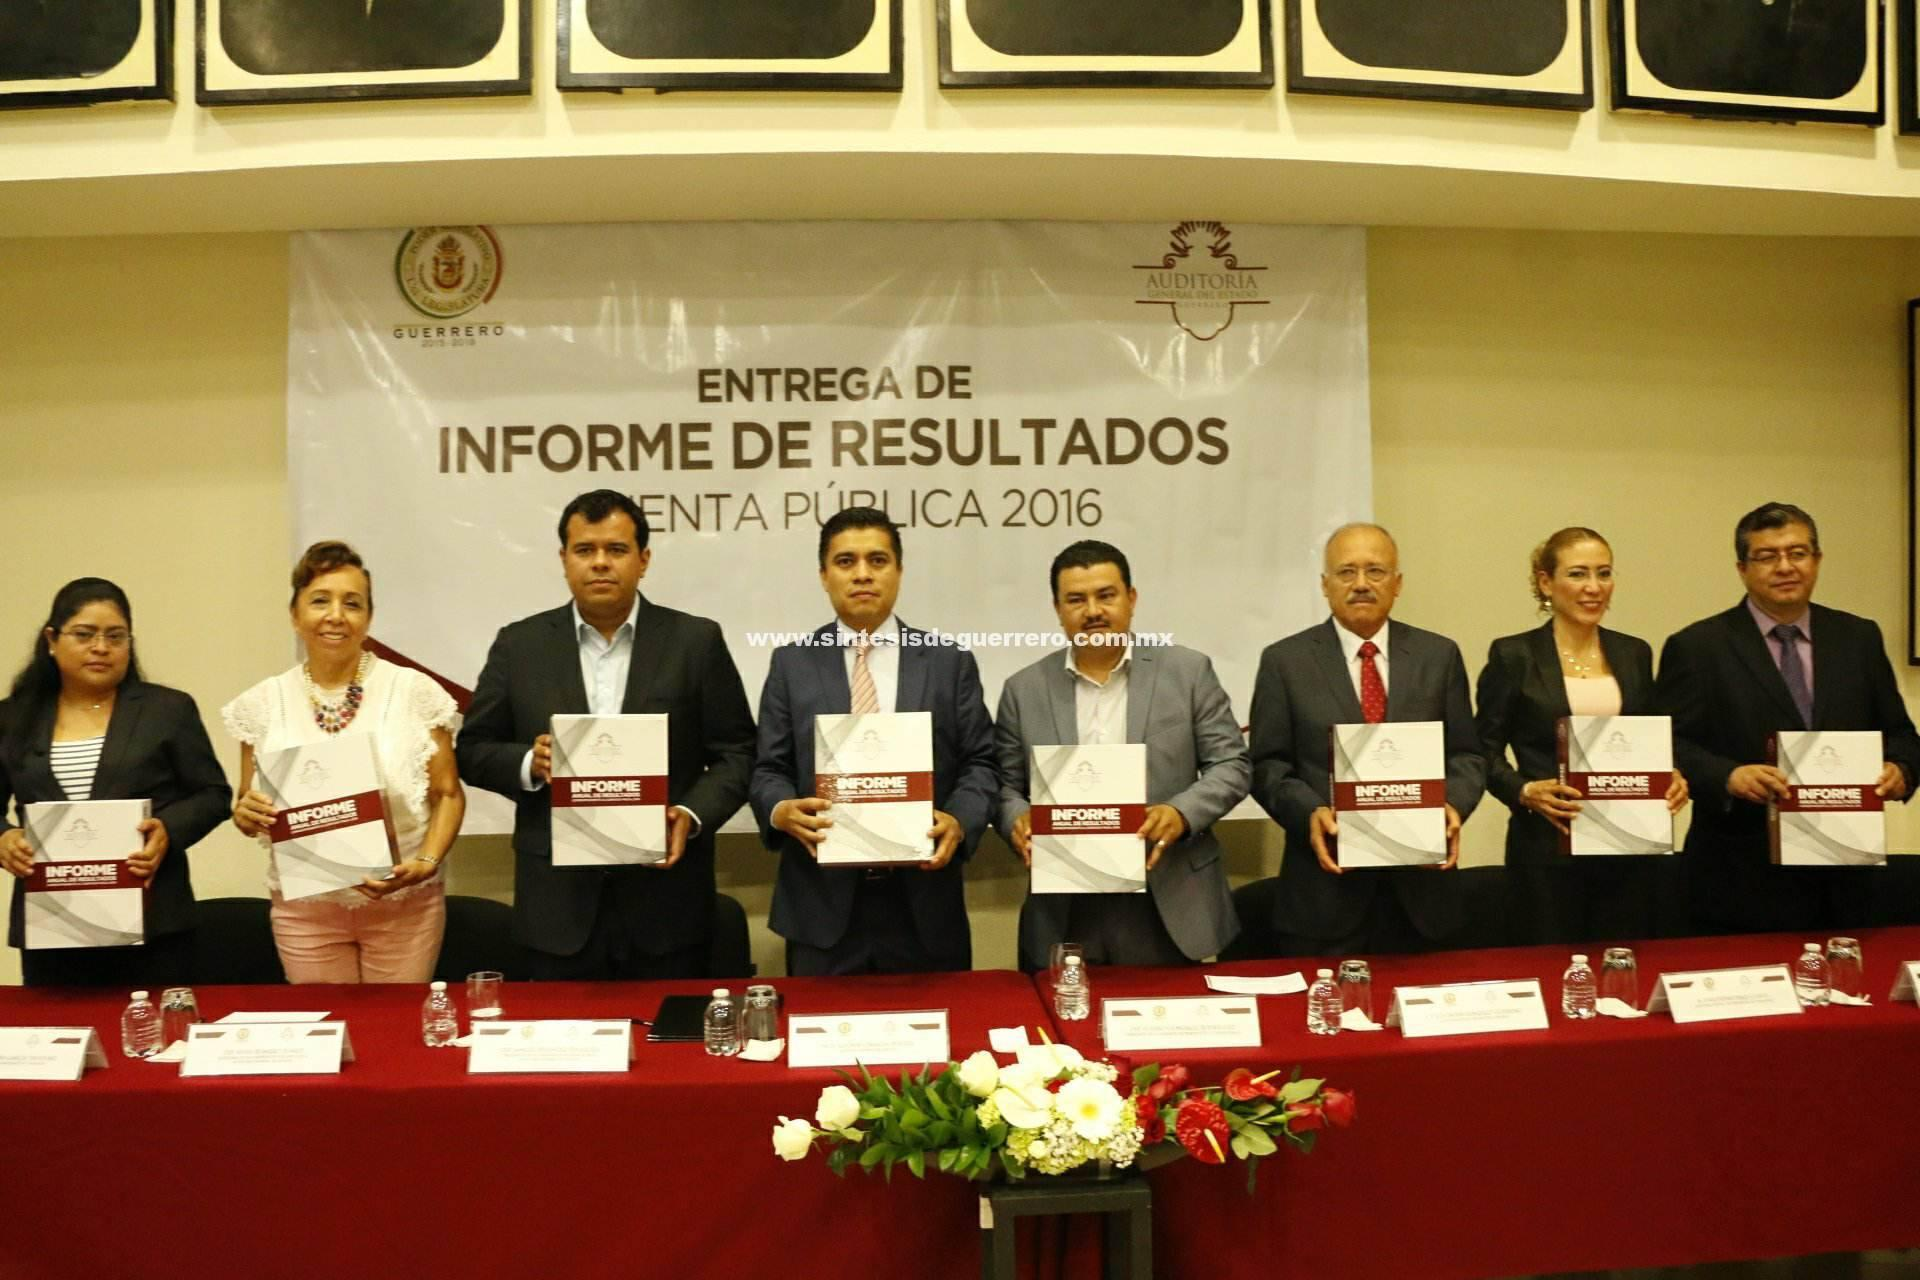 El Congreso de Guerrero es un aliado y facilitador para que los entes fiscalizables puedan cumplir en tiempo y forma